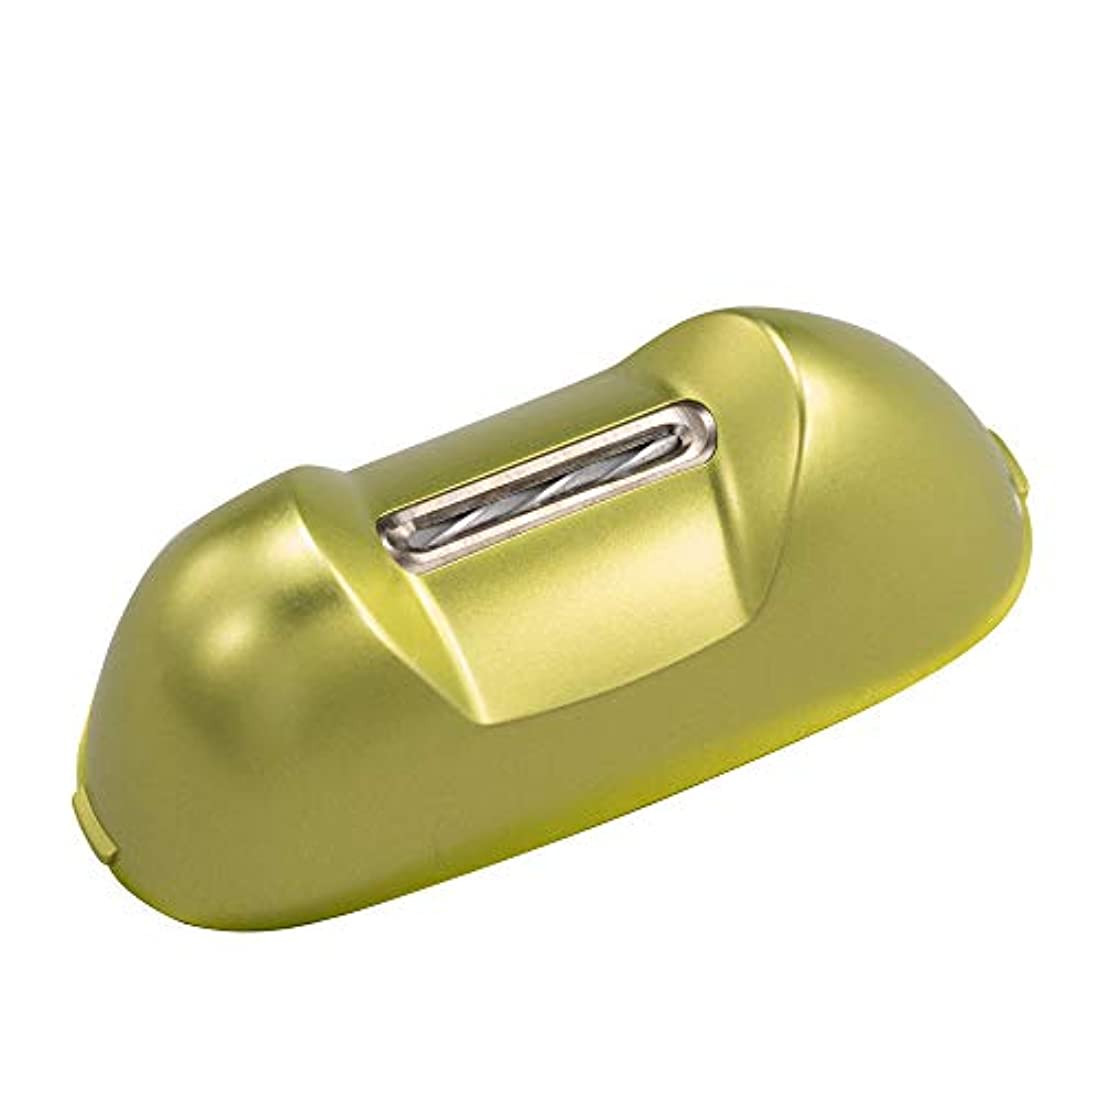 コンパス半島合計マリン商事 電動爪削りLeaf 専用爪切りカッターヘッド 替刃 El-90165